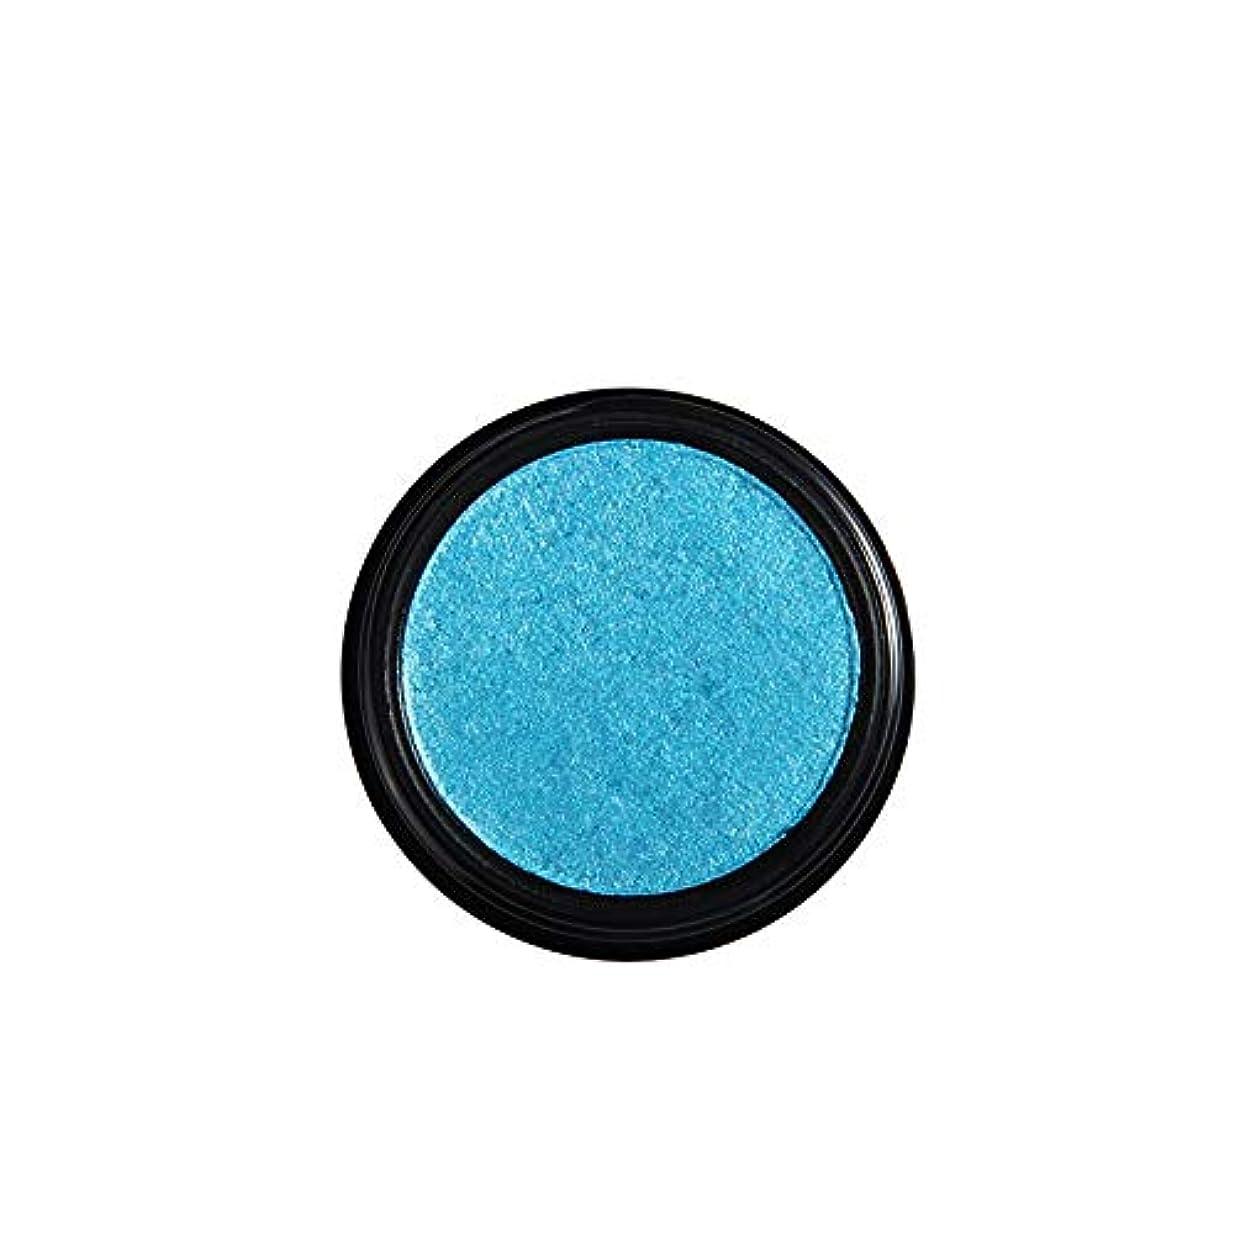 未亡人ライトニングに対してAkane アイシャドウパレット PHOERA ファッション 高級 美しい ひとつだけ 単なる 魅力的 キラキラ メタリック 綺麗 素敵 持ち便利 日常 Eye Shadow (24色)